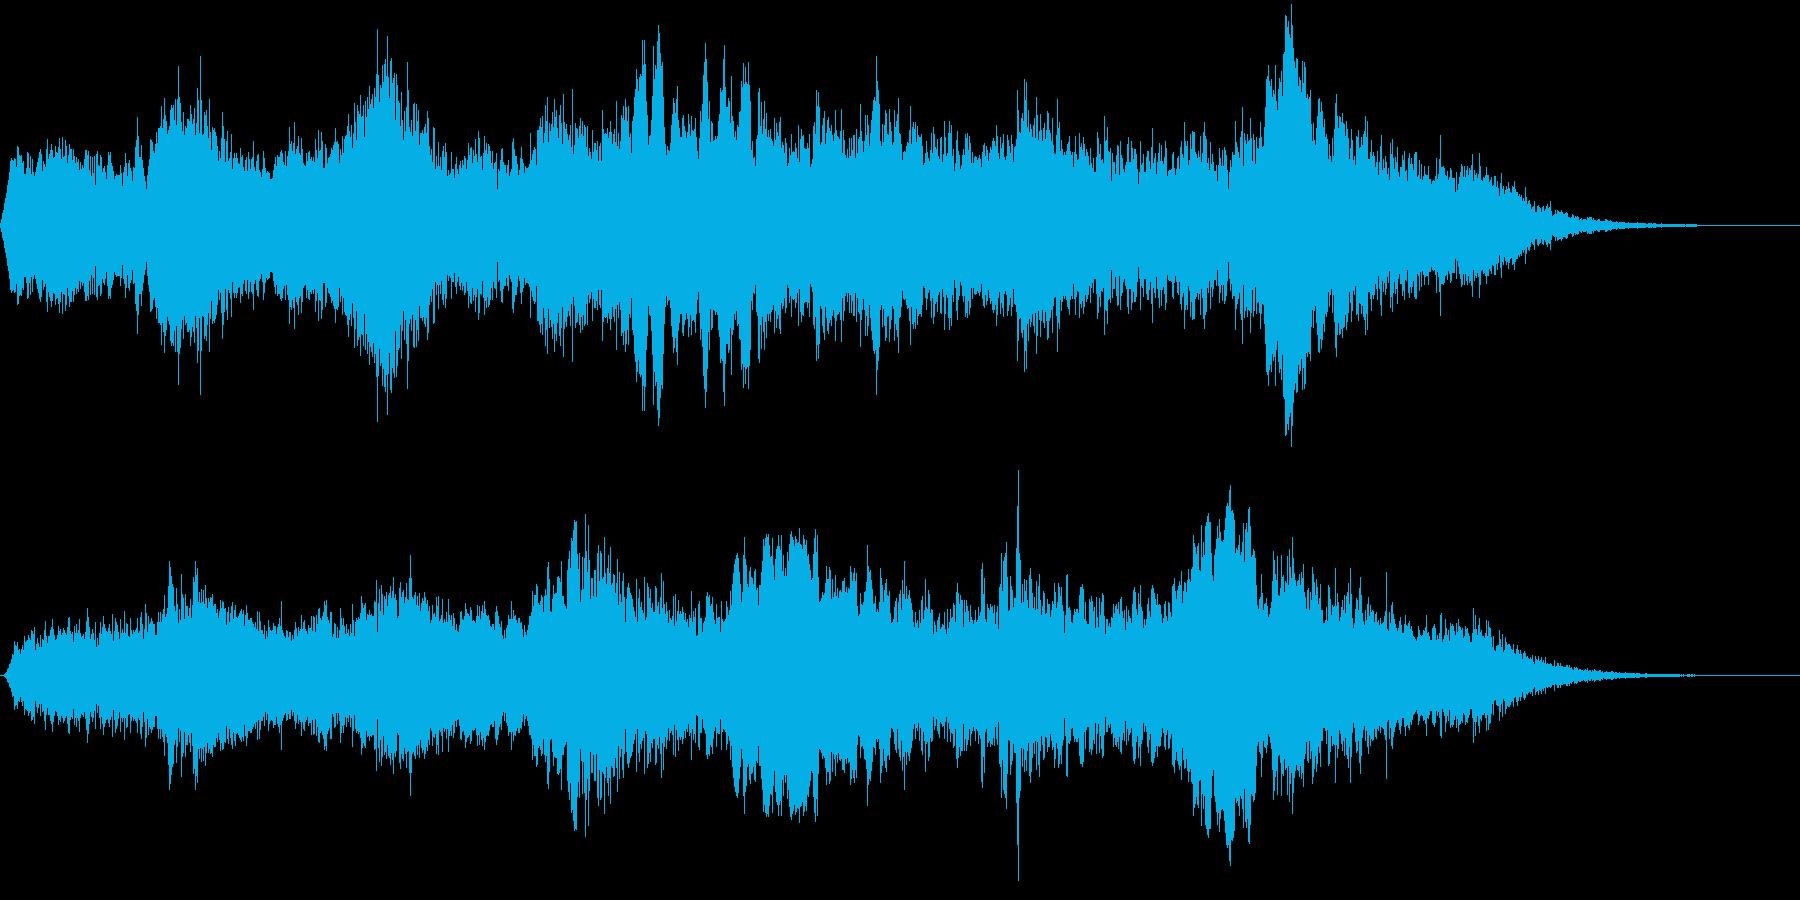 神秘的な森・神殿の環境音の再生済みの波形